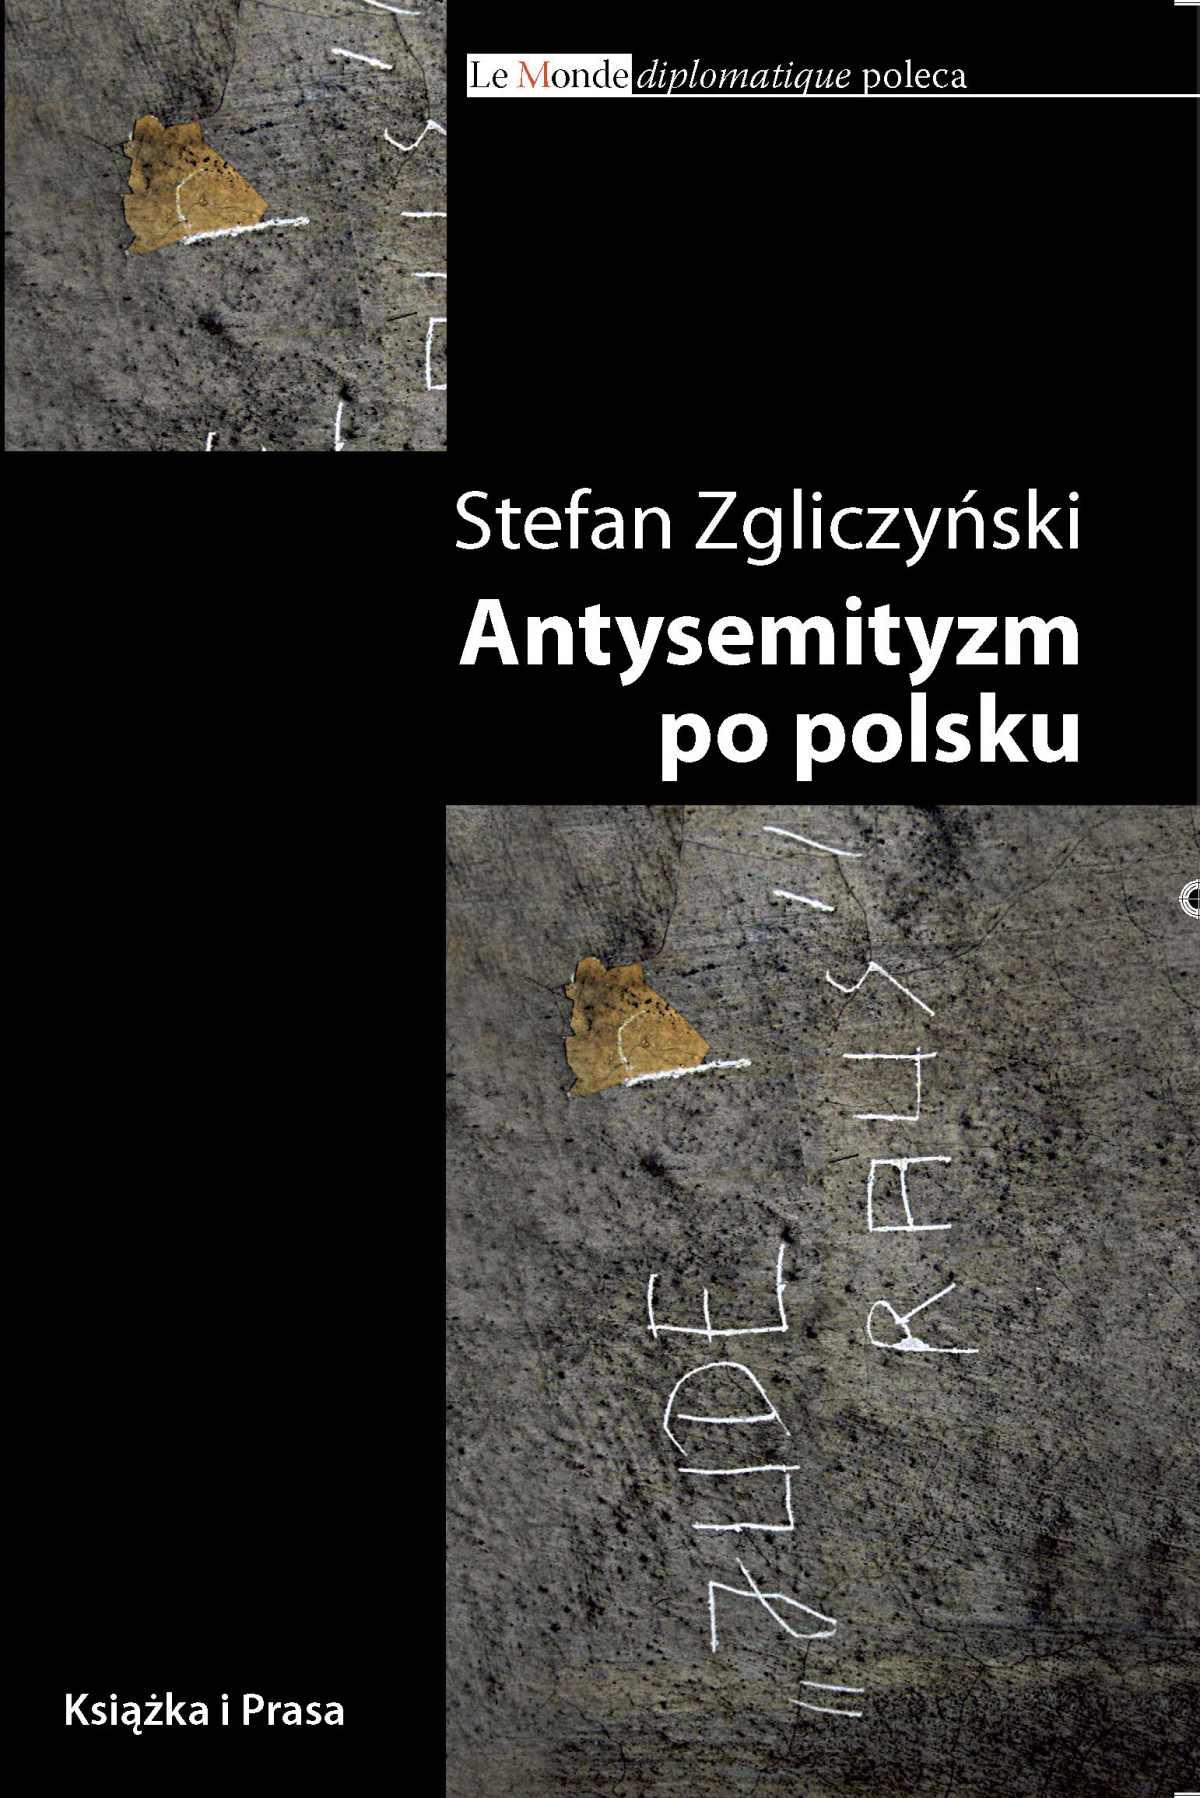 Antysemityzm po polsku - Ebook (Książka na Kindle) do pobrania w formacie MOBI